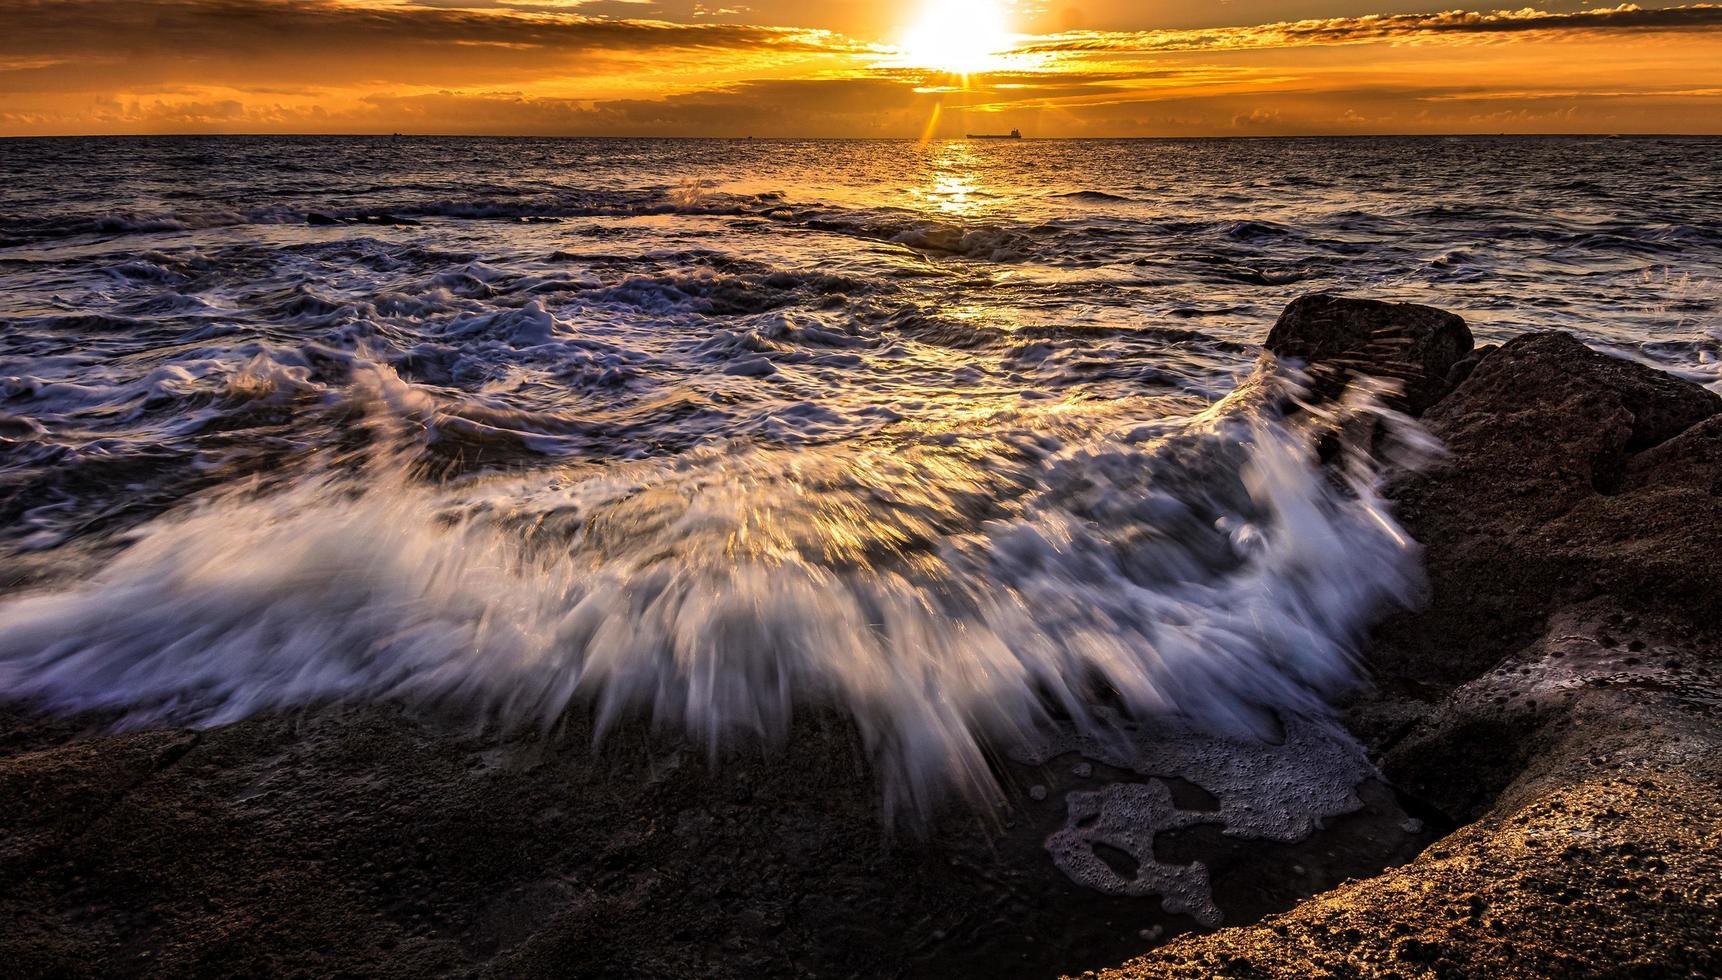 lunga esposizione delle onde dell'oceano foto